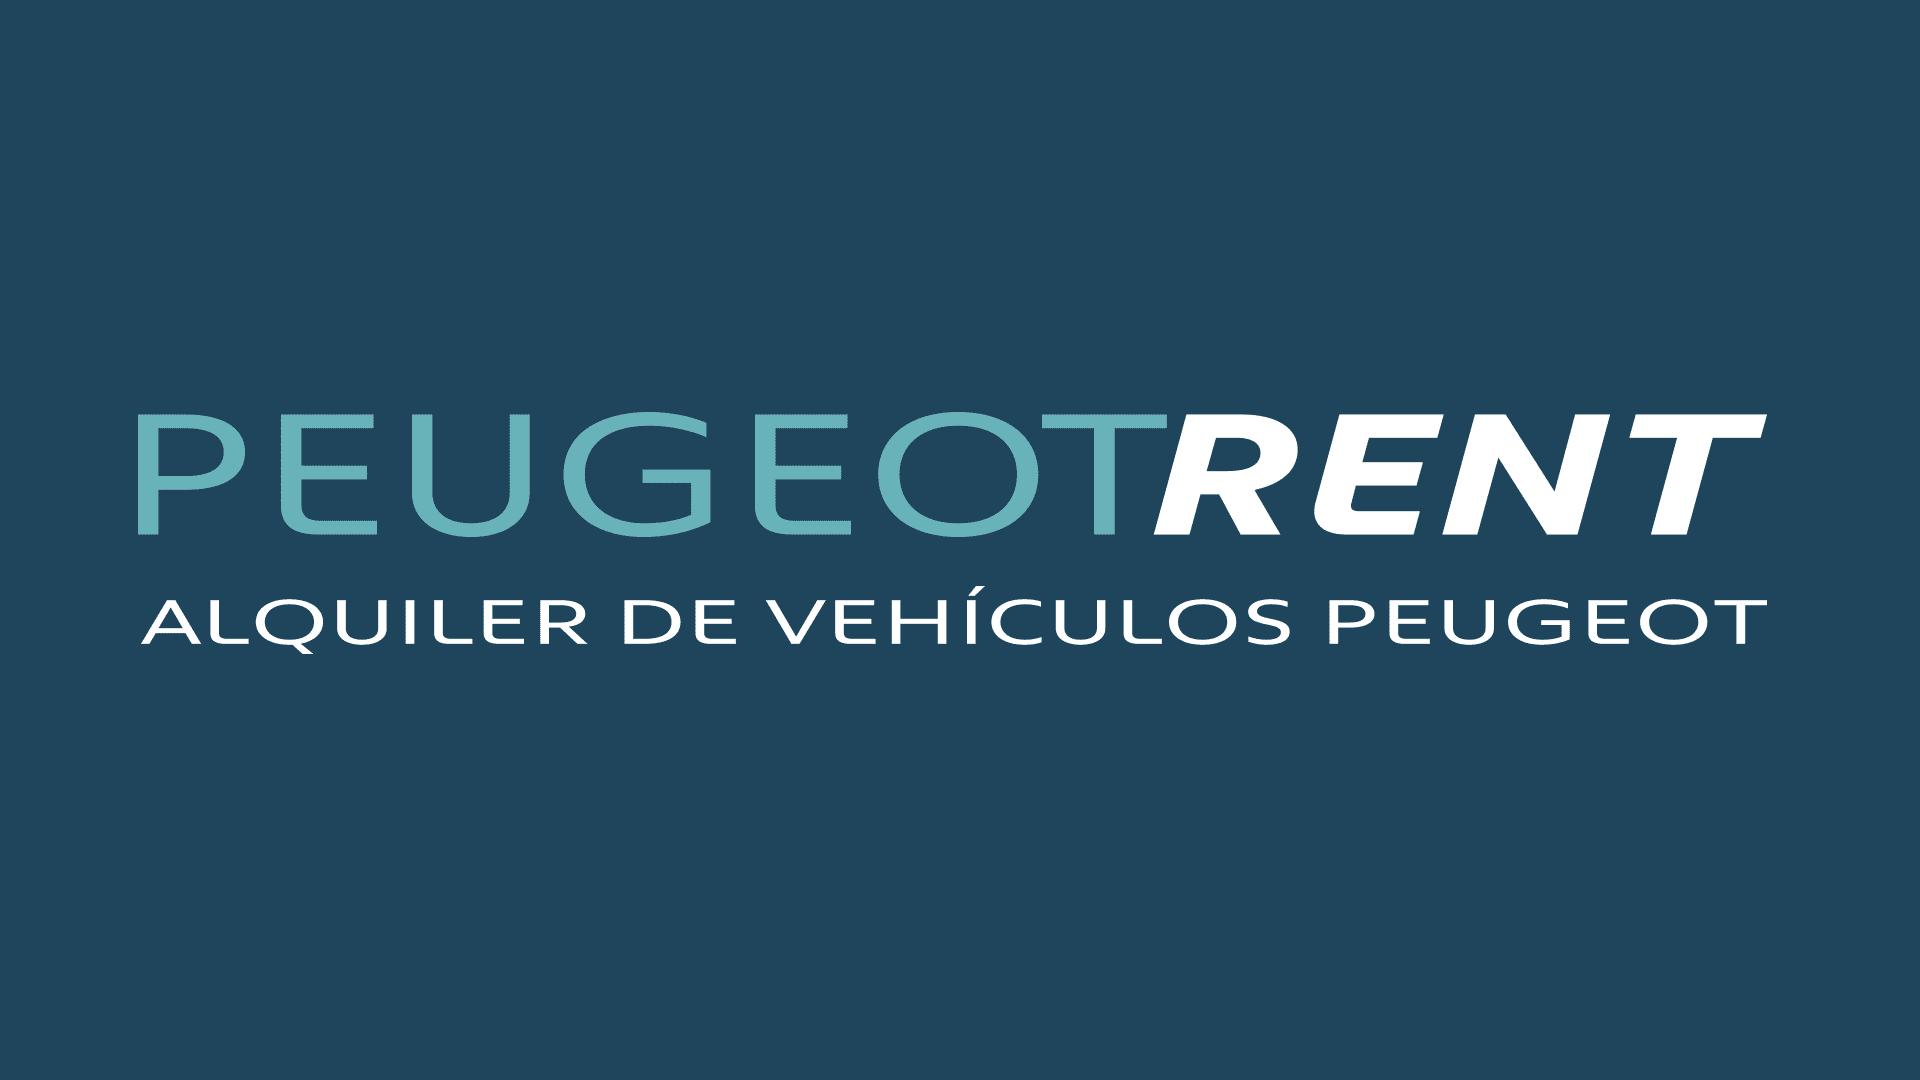 Eutrasa  presenta Peugeot Rent, el nuevo servicio de alquiler de vehículos del Vallès Oriental